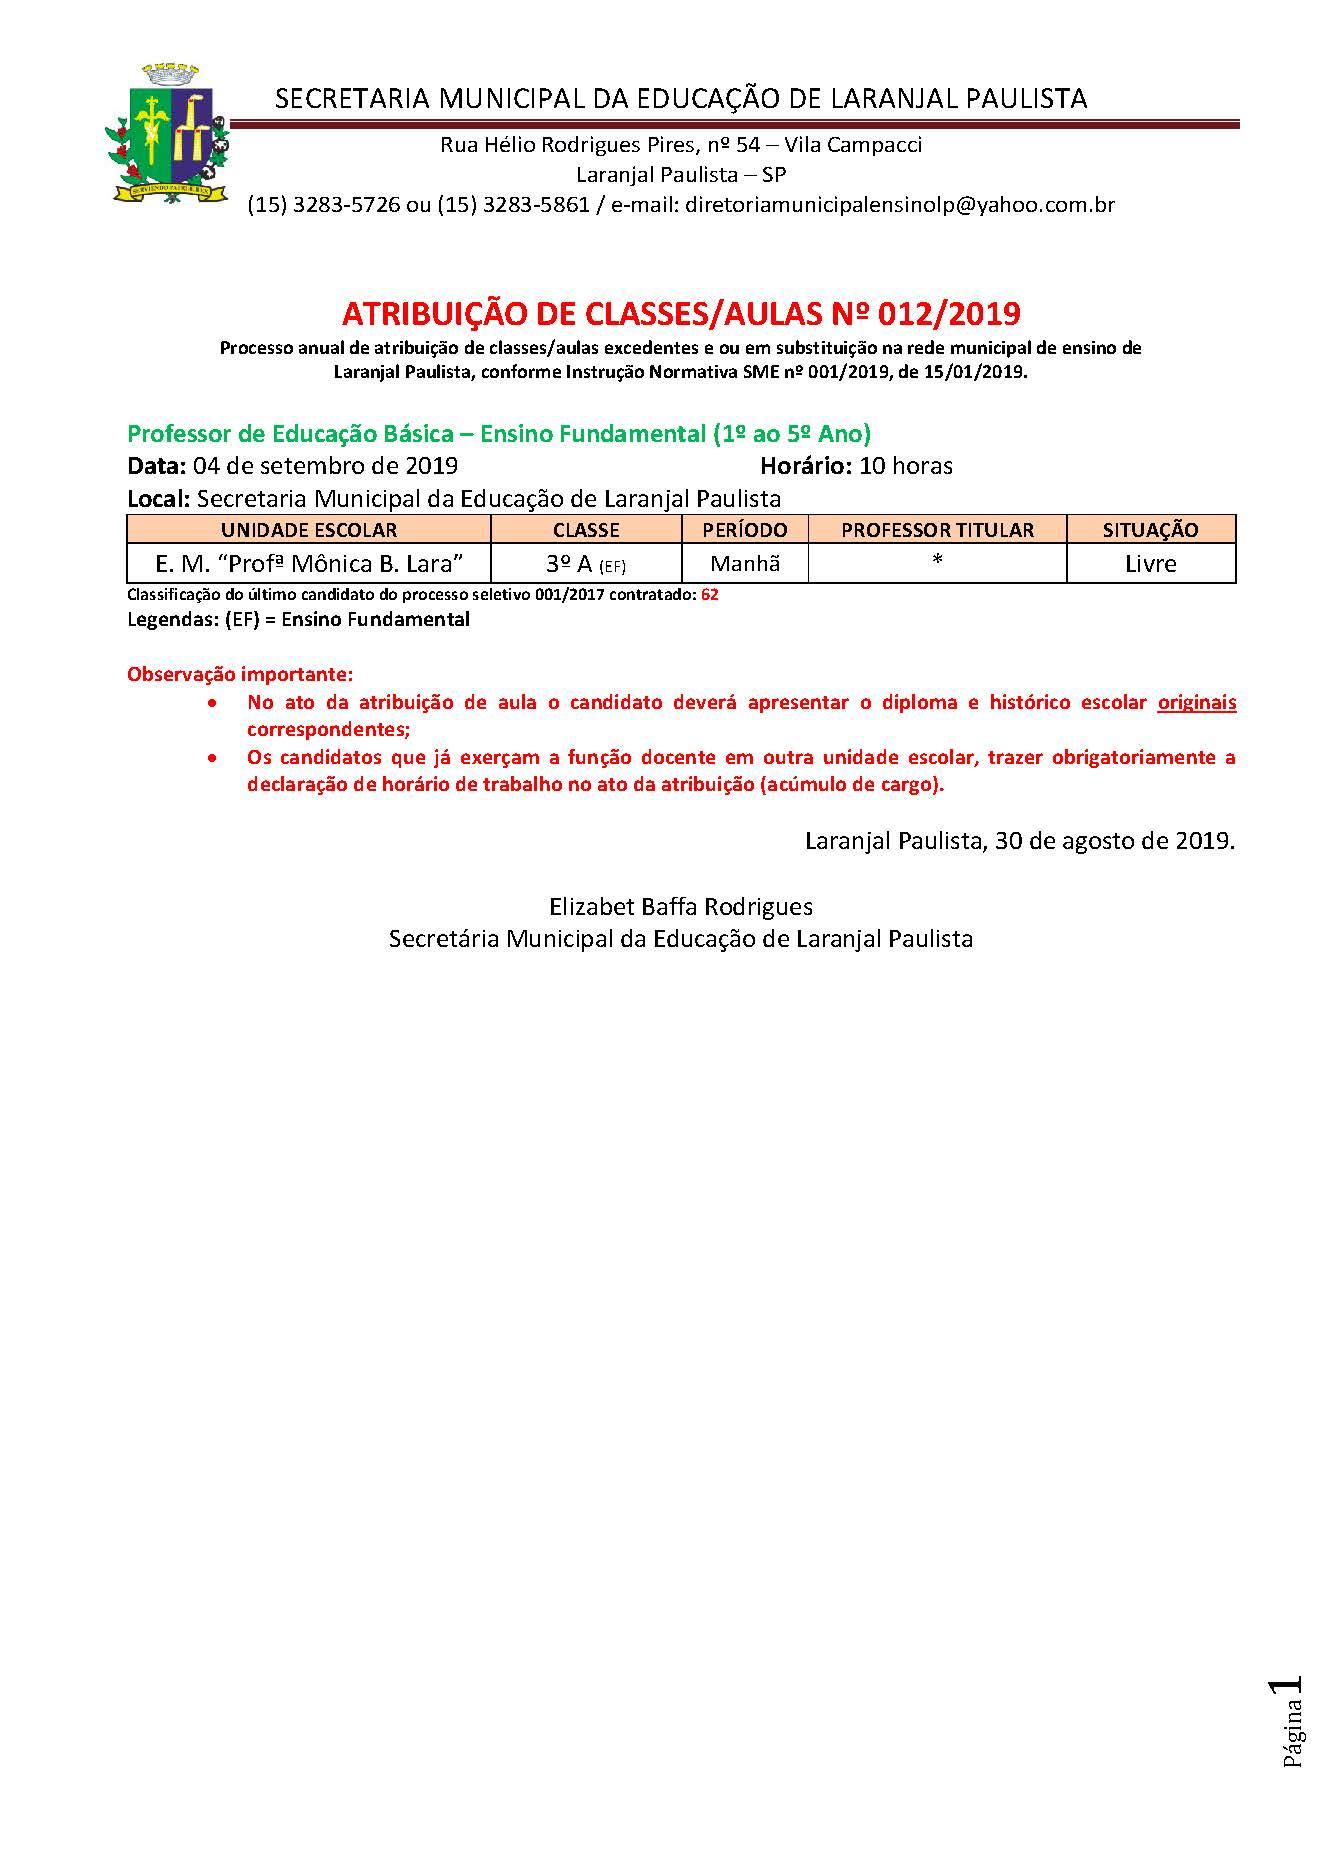 Atribuição de classes e ou aulas excedentes nº 012-2019